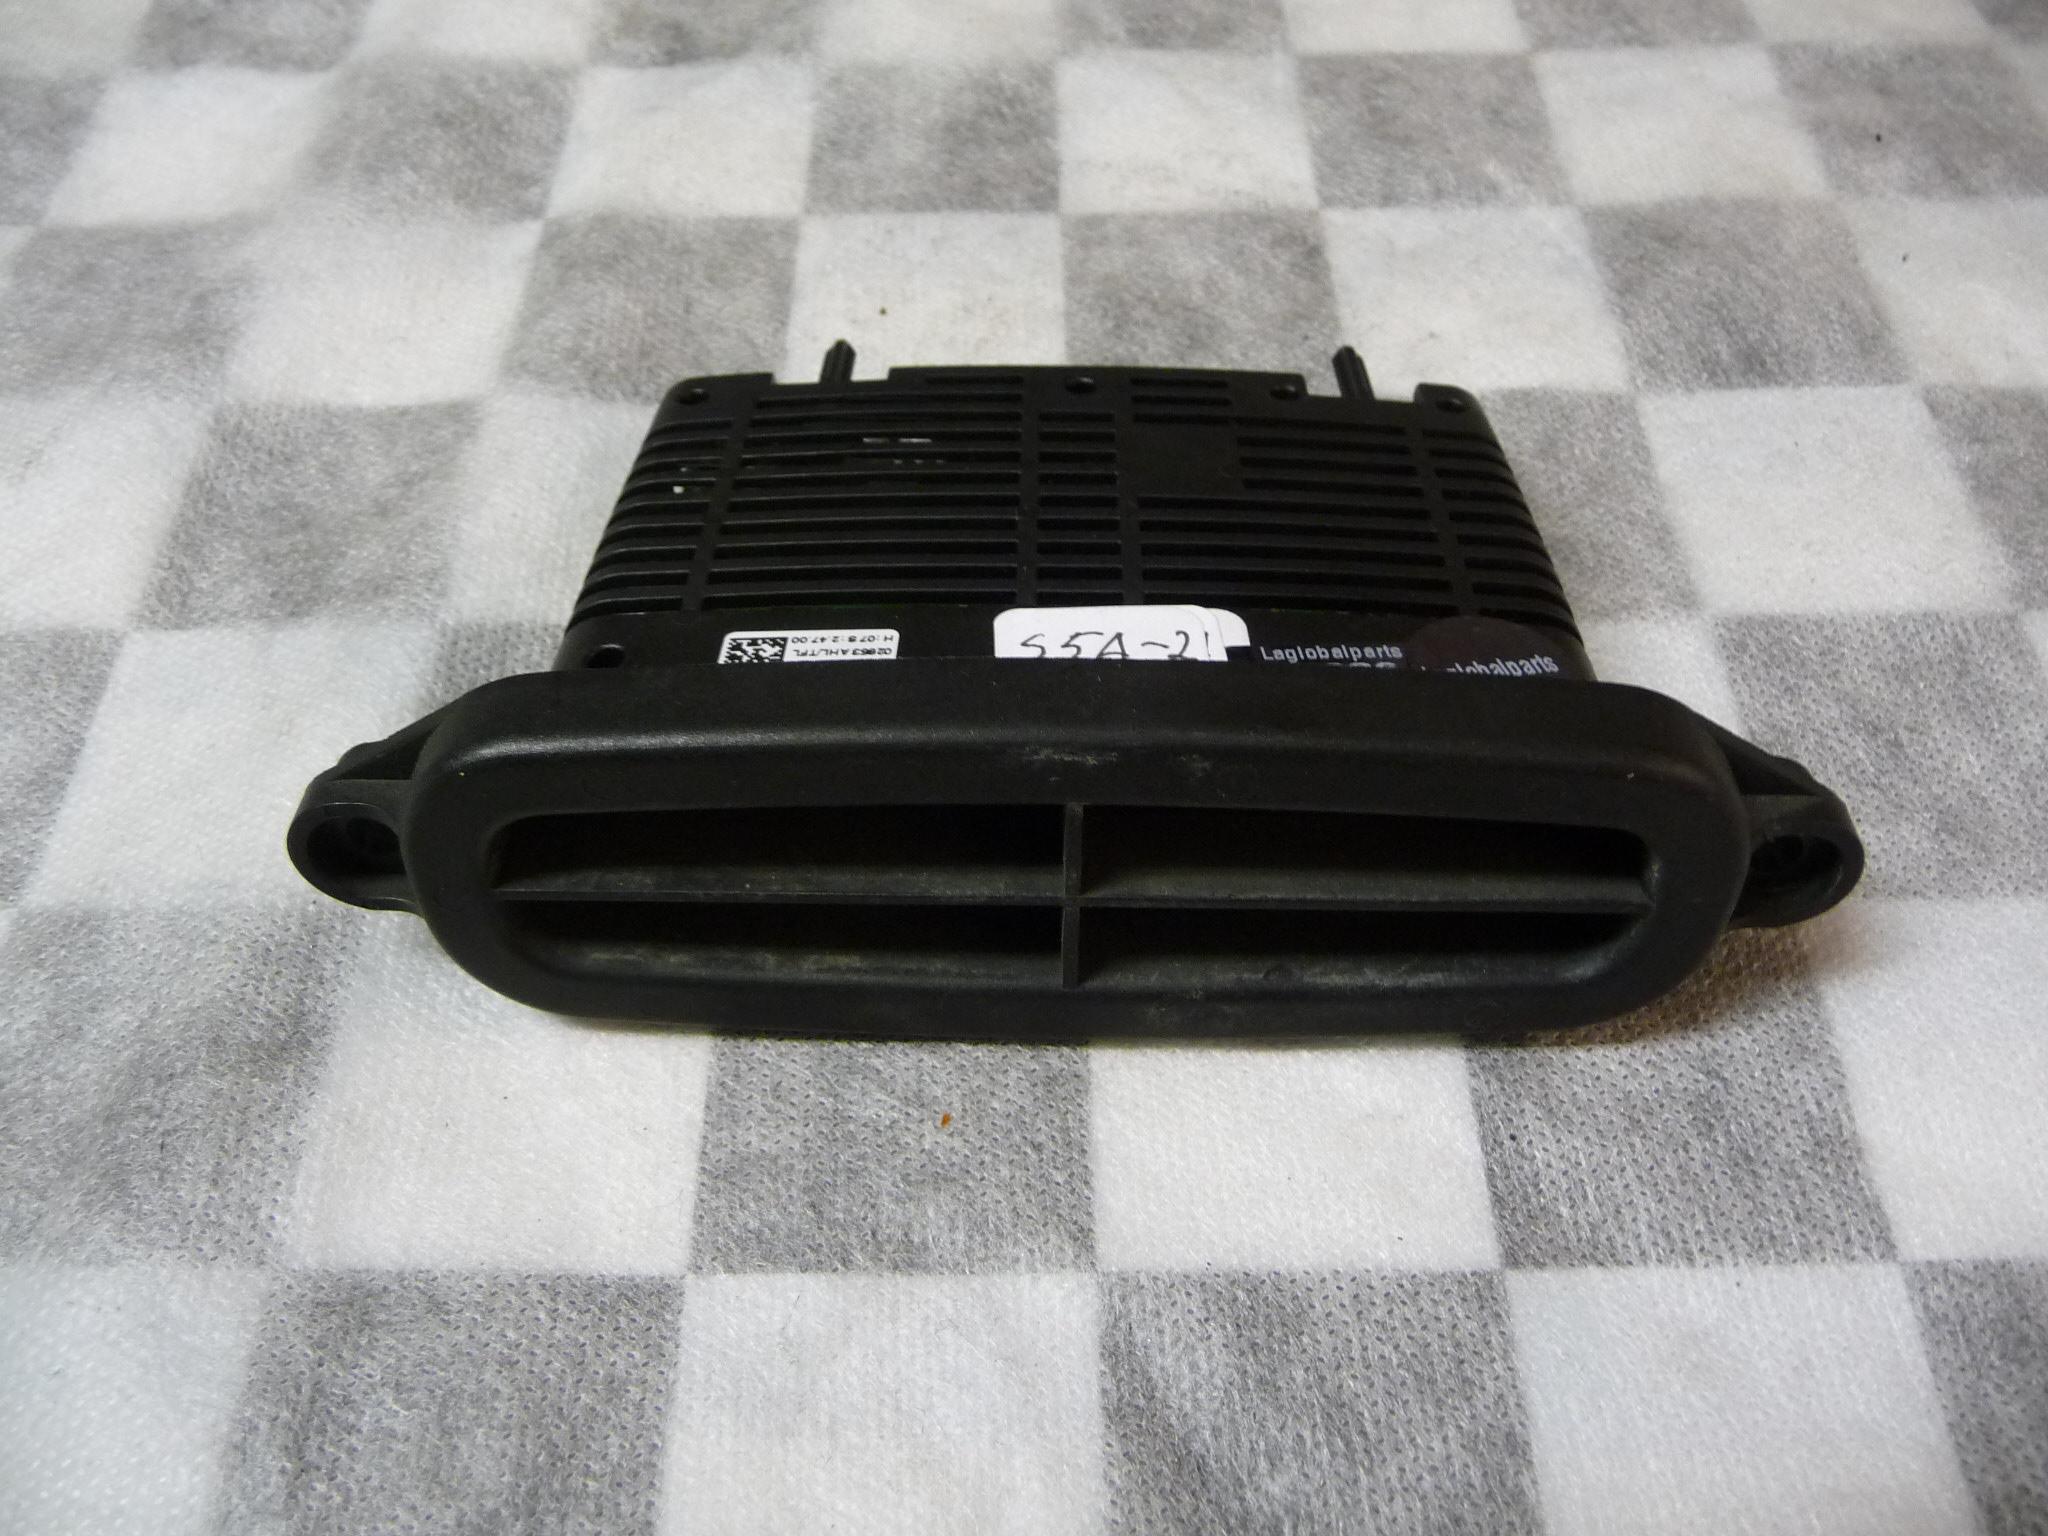 Bmw 5 Series F10 535d Headlight Led Driver Module 7269494 Oem Oe F02 Fuse Box